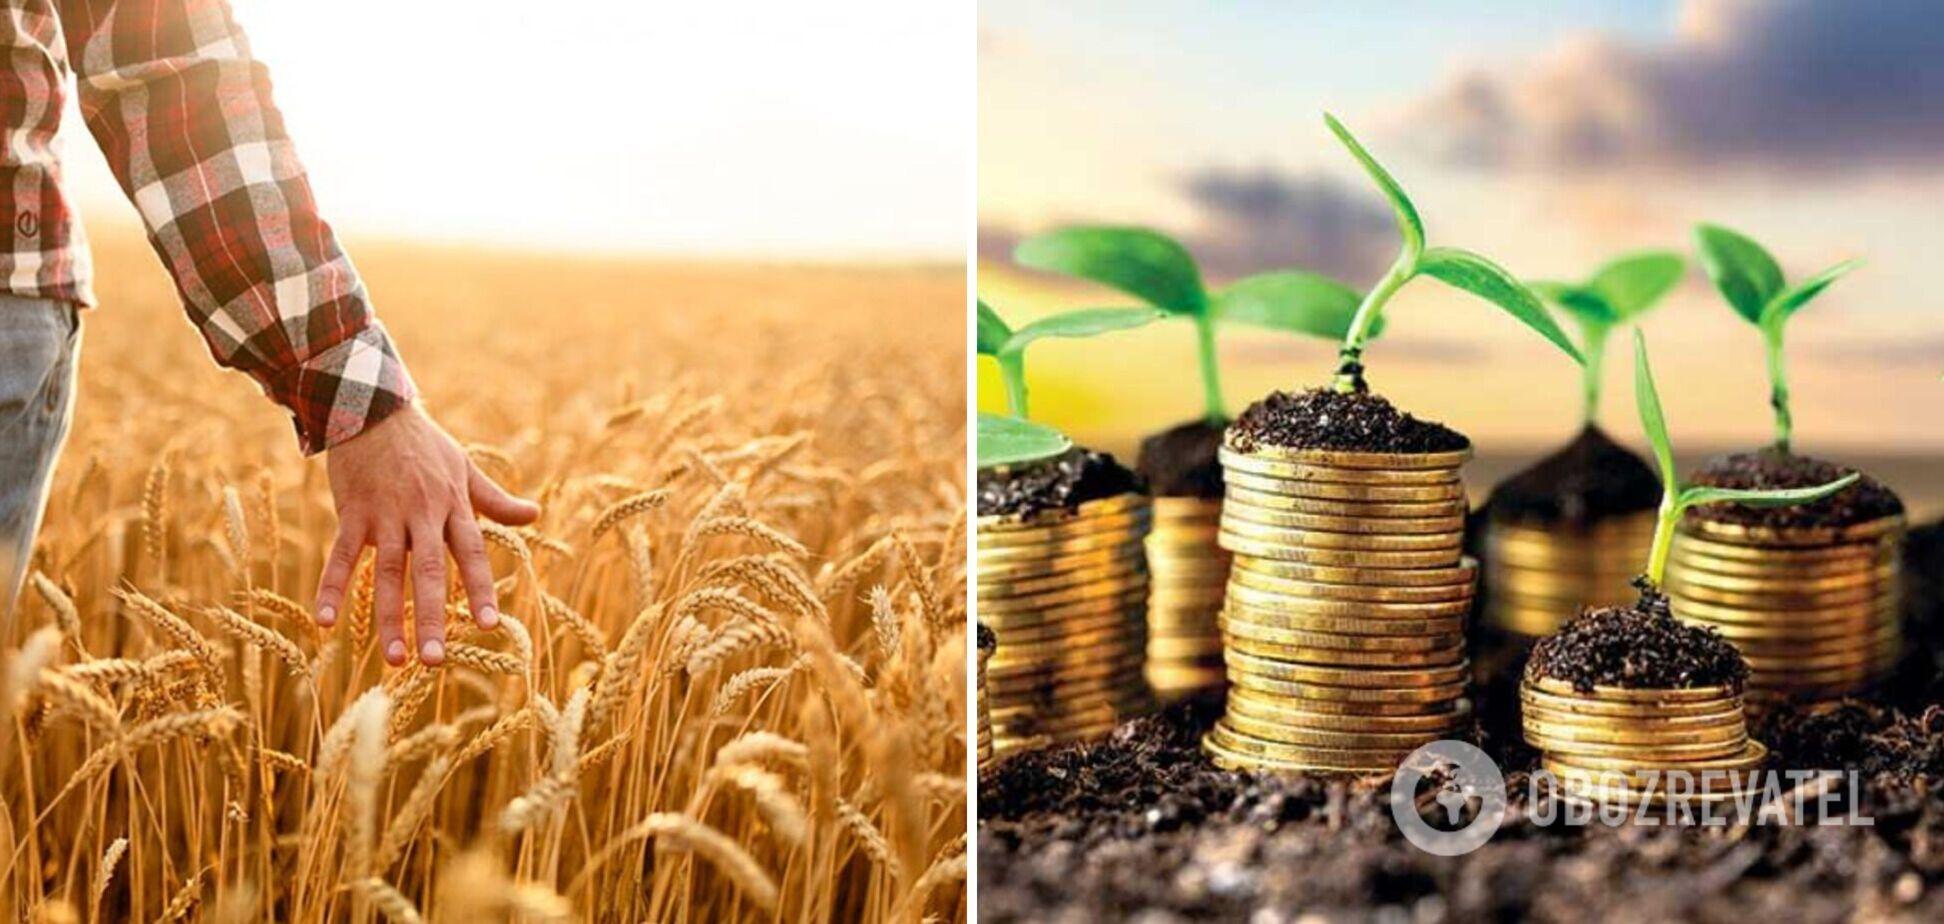 Как законопроект №2805 поможет фермерам привлекать финансирование